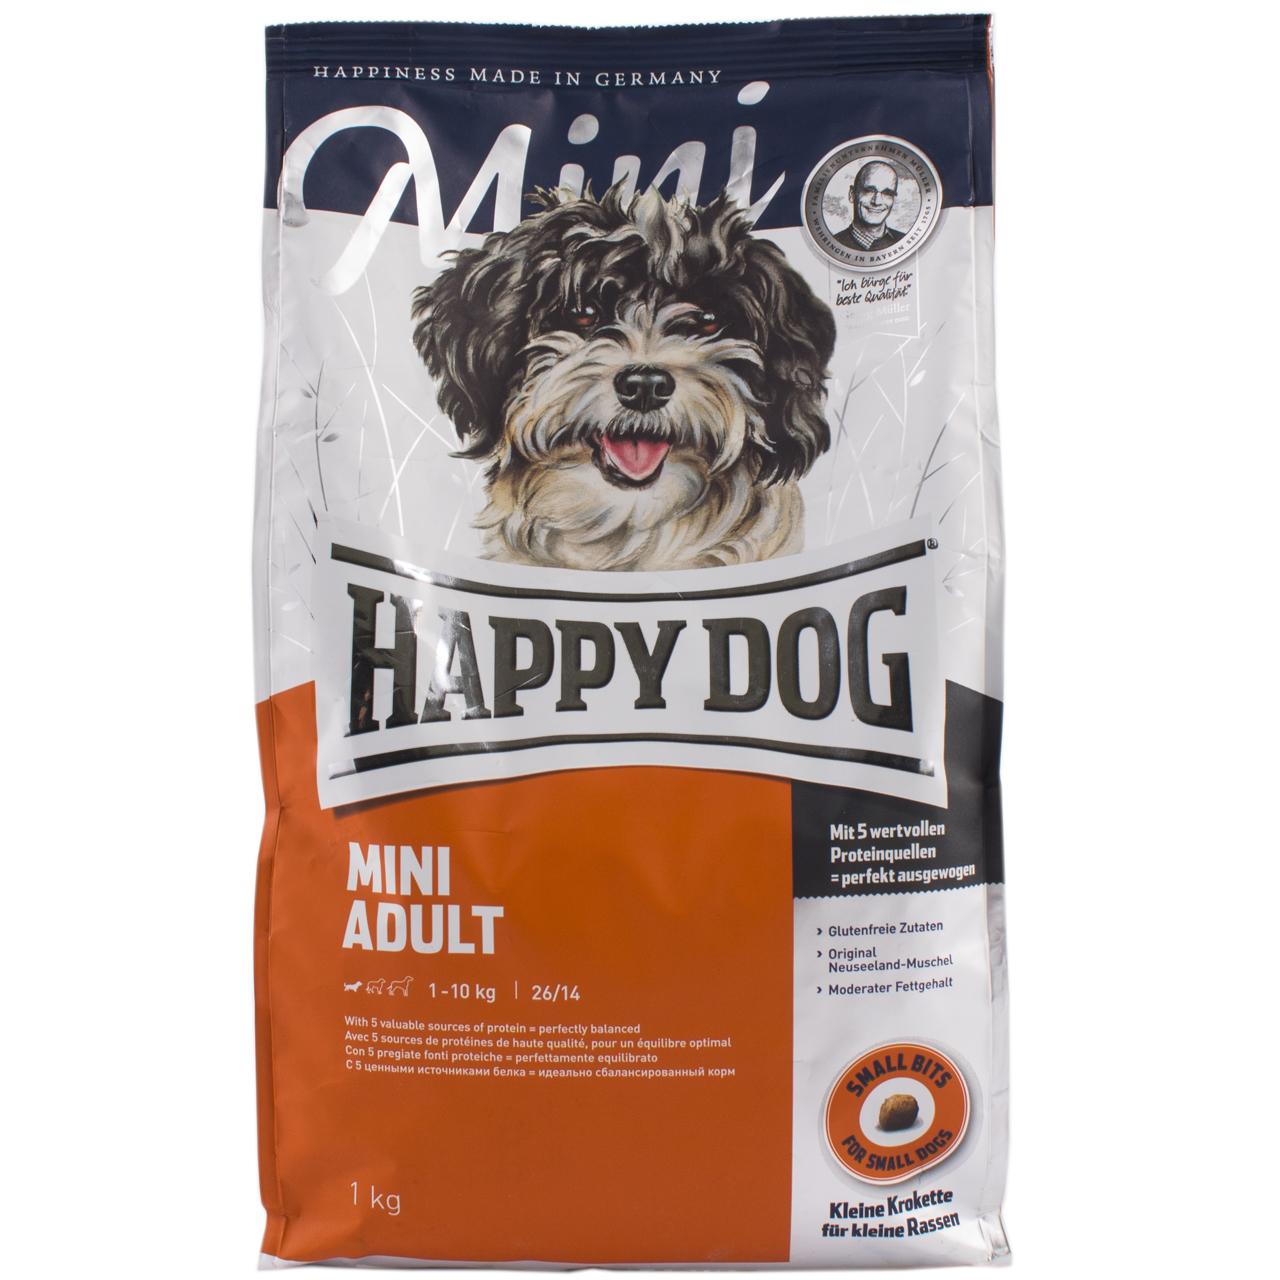 غذای خشک سگ هپی داگ مدل MINI ADULT